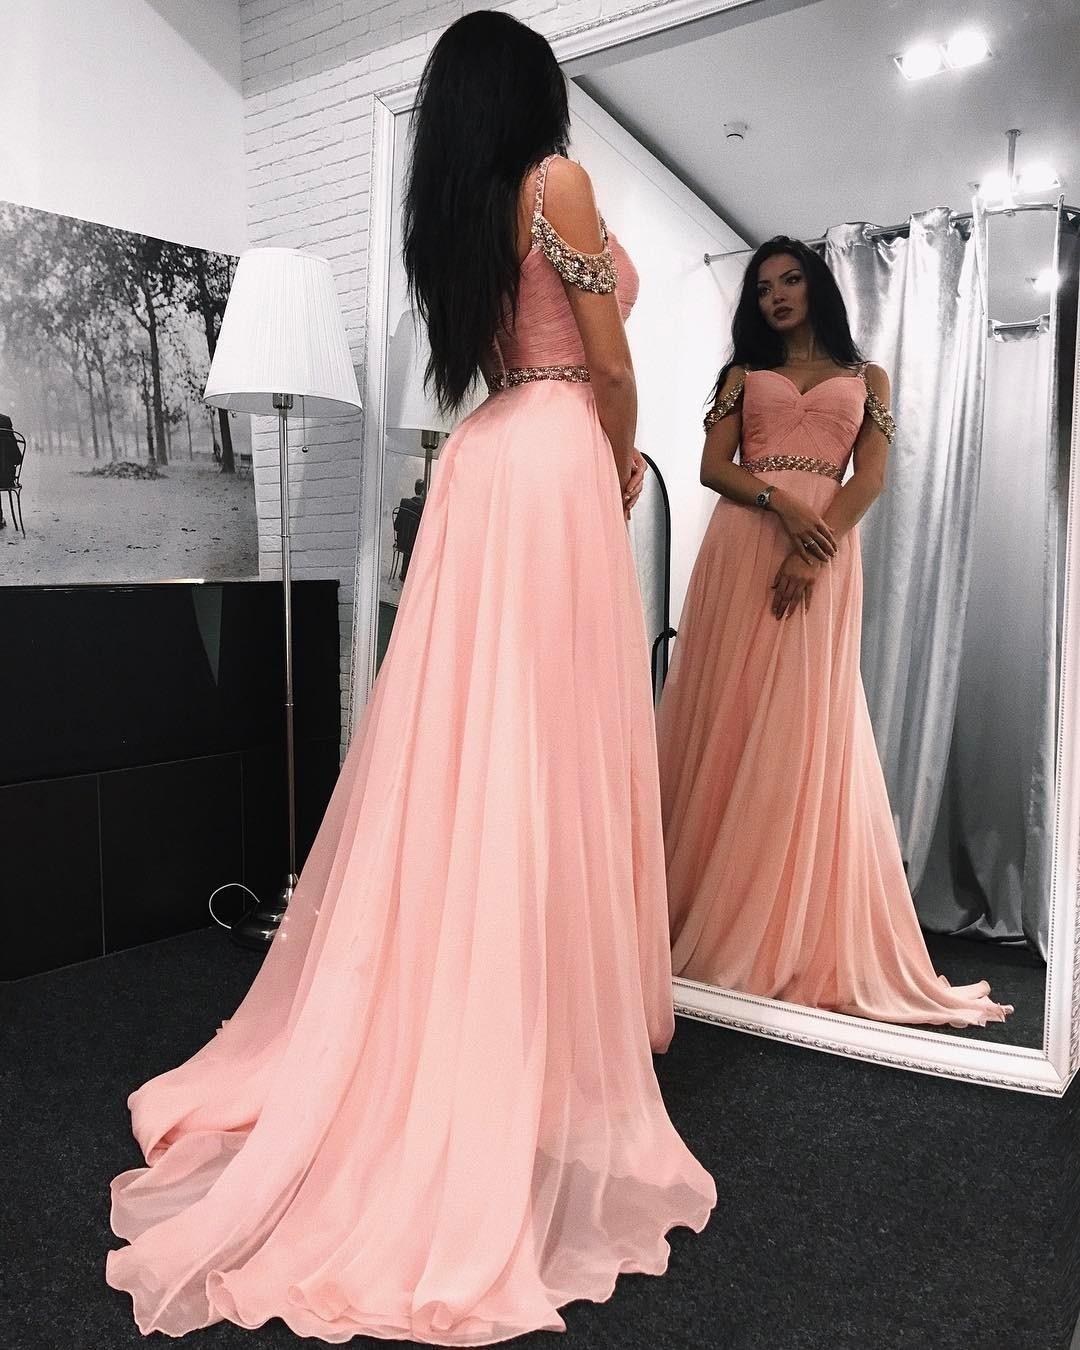 20 Top Abendkleider Sehr Günstig VertriebDesigner Schön Abendkleider Sehr Günstig Bester Preis